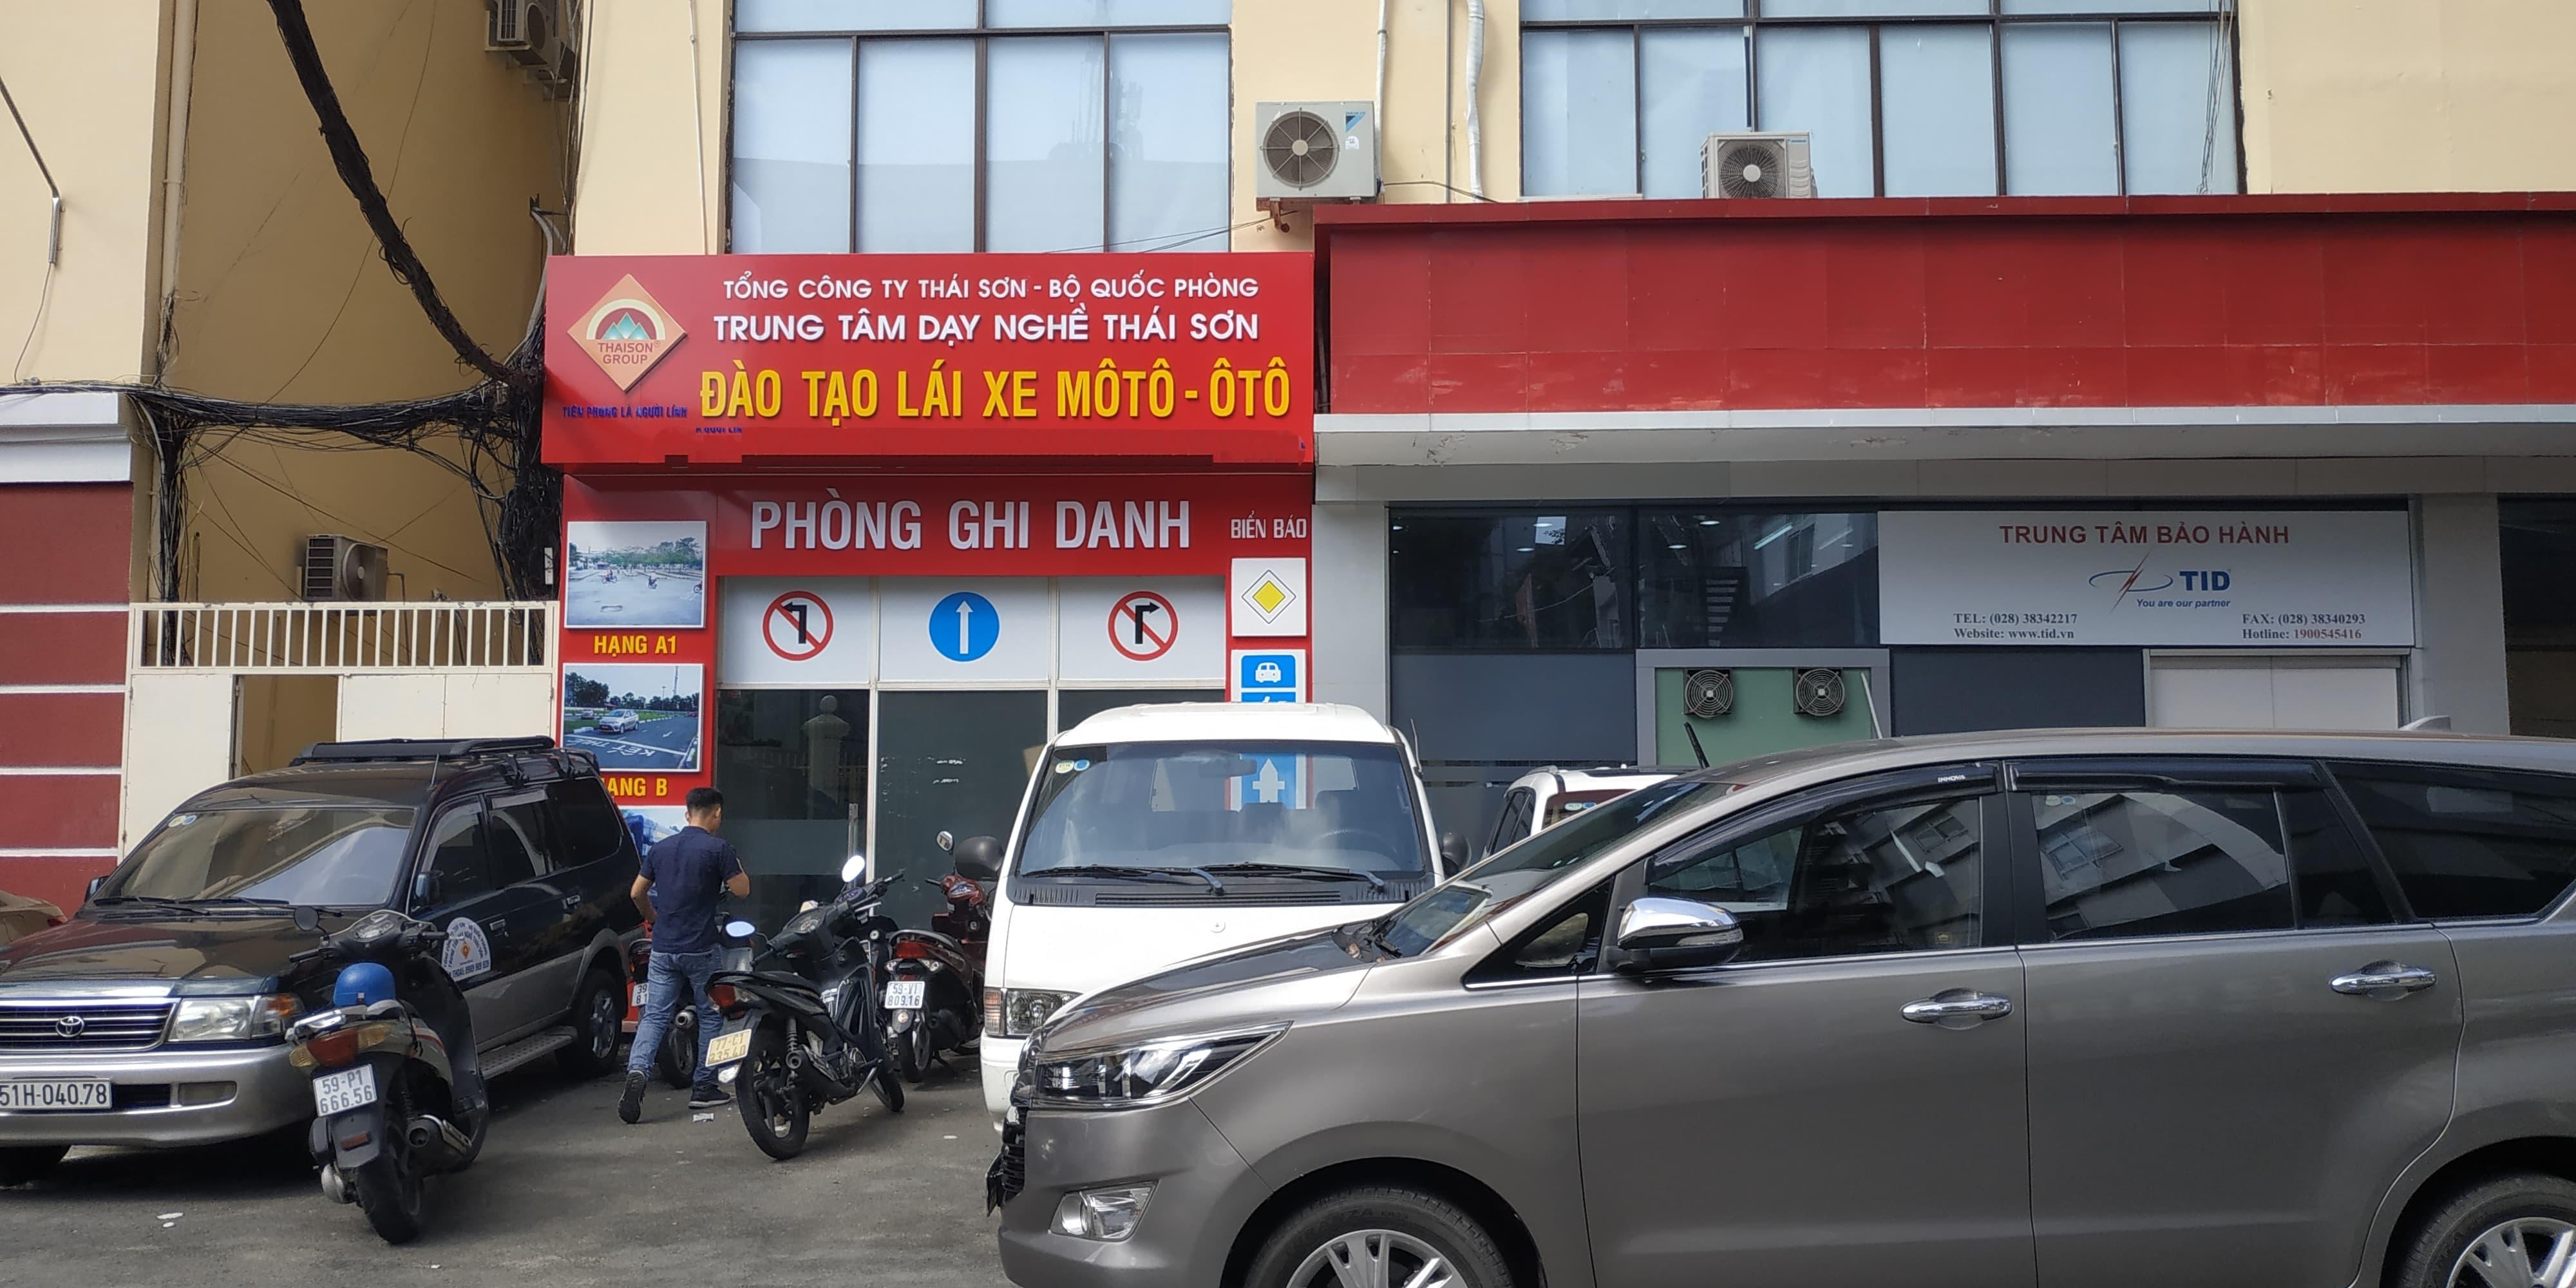 Trường Dạy Lái Xe Thái Sơn BQP